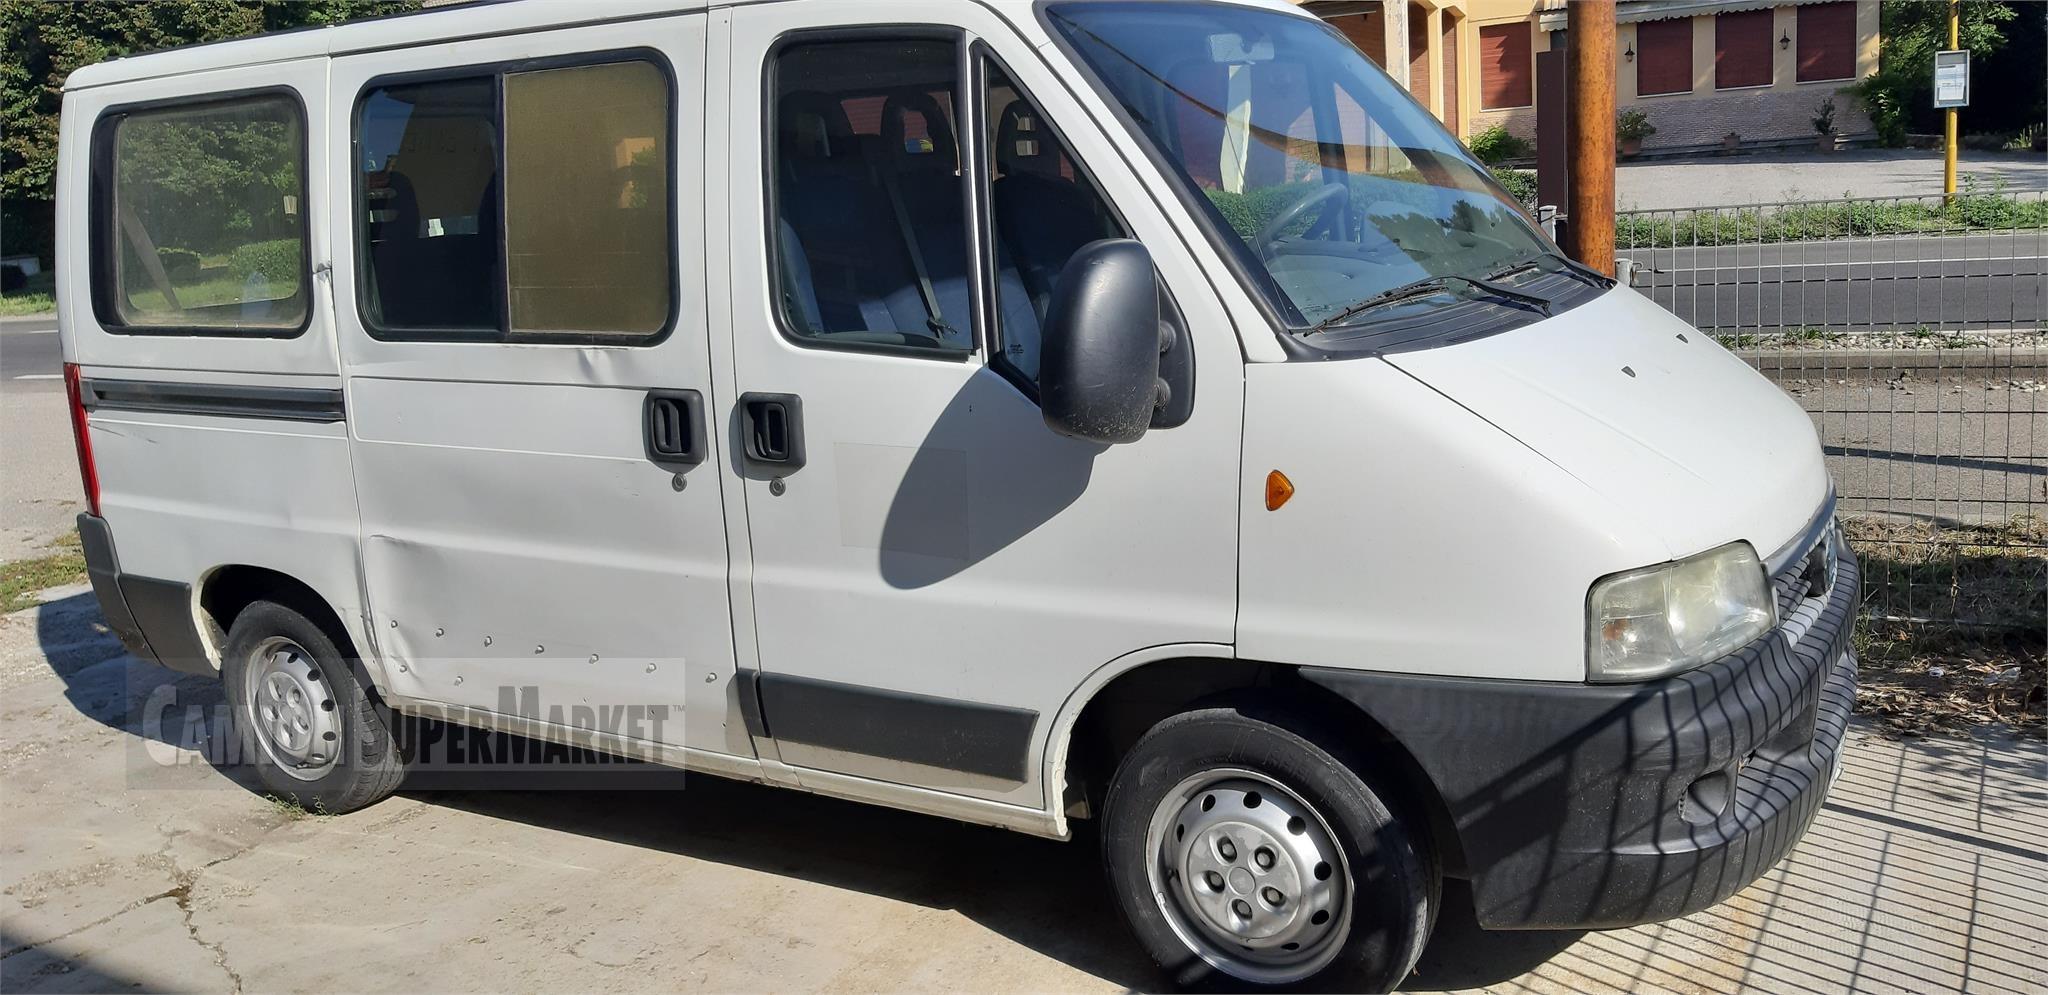 Fiat DUCATO Usato 2006